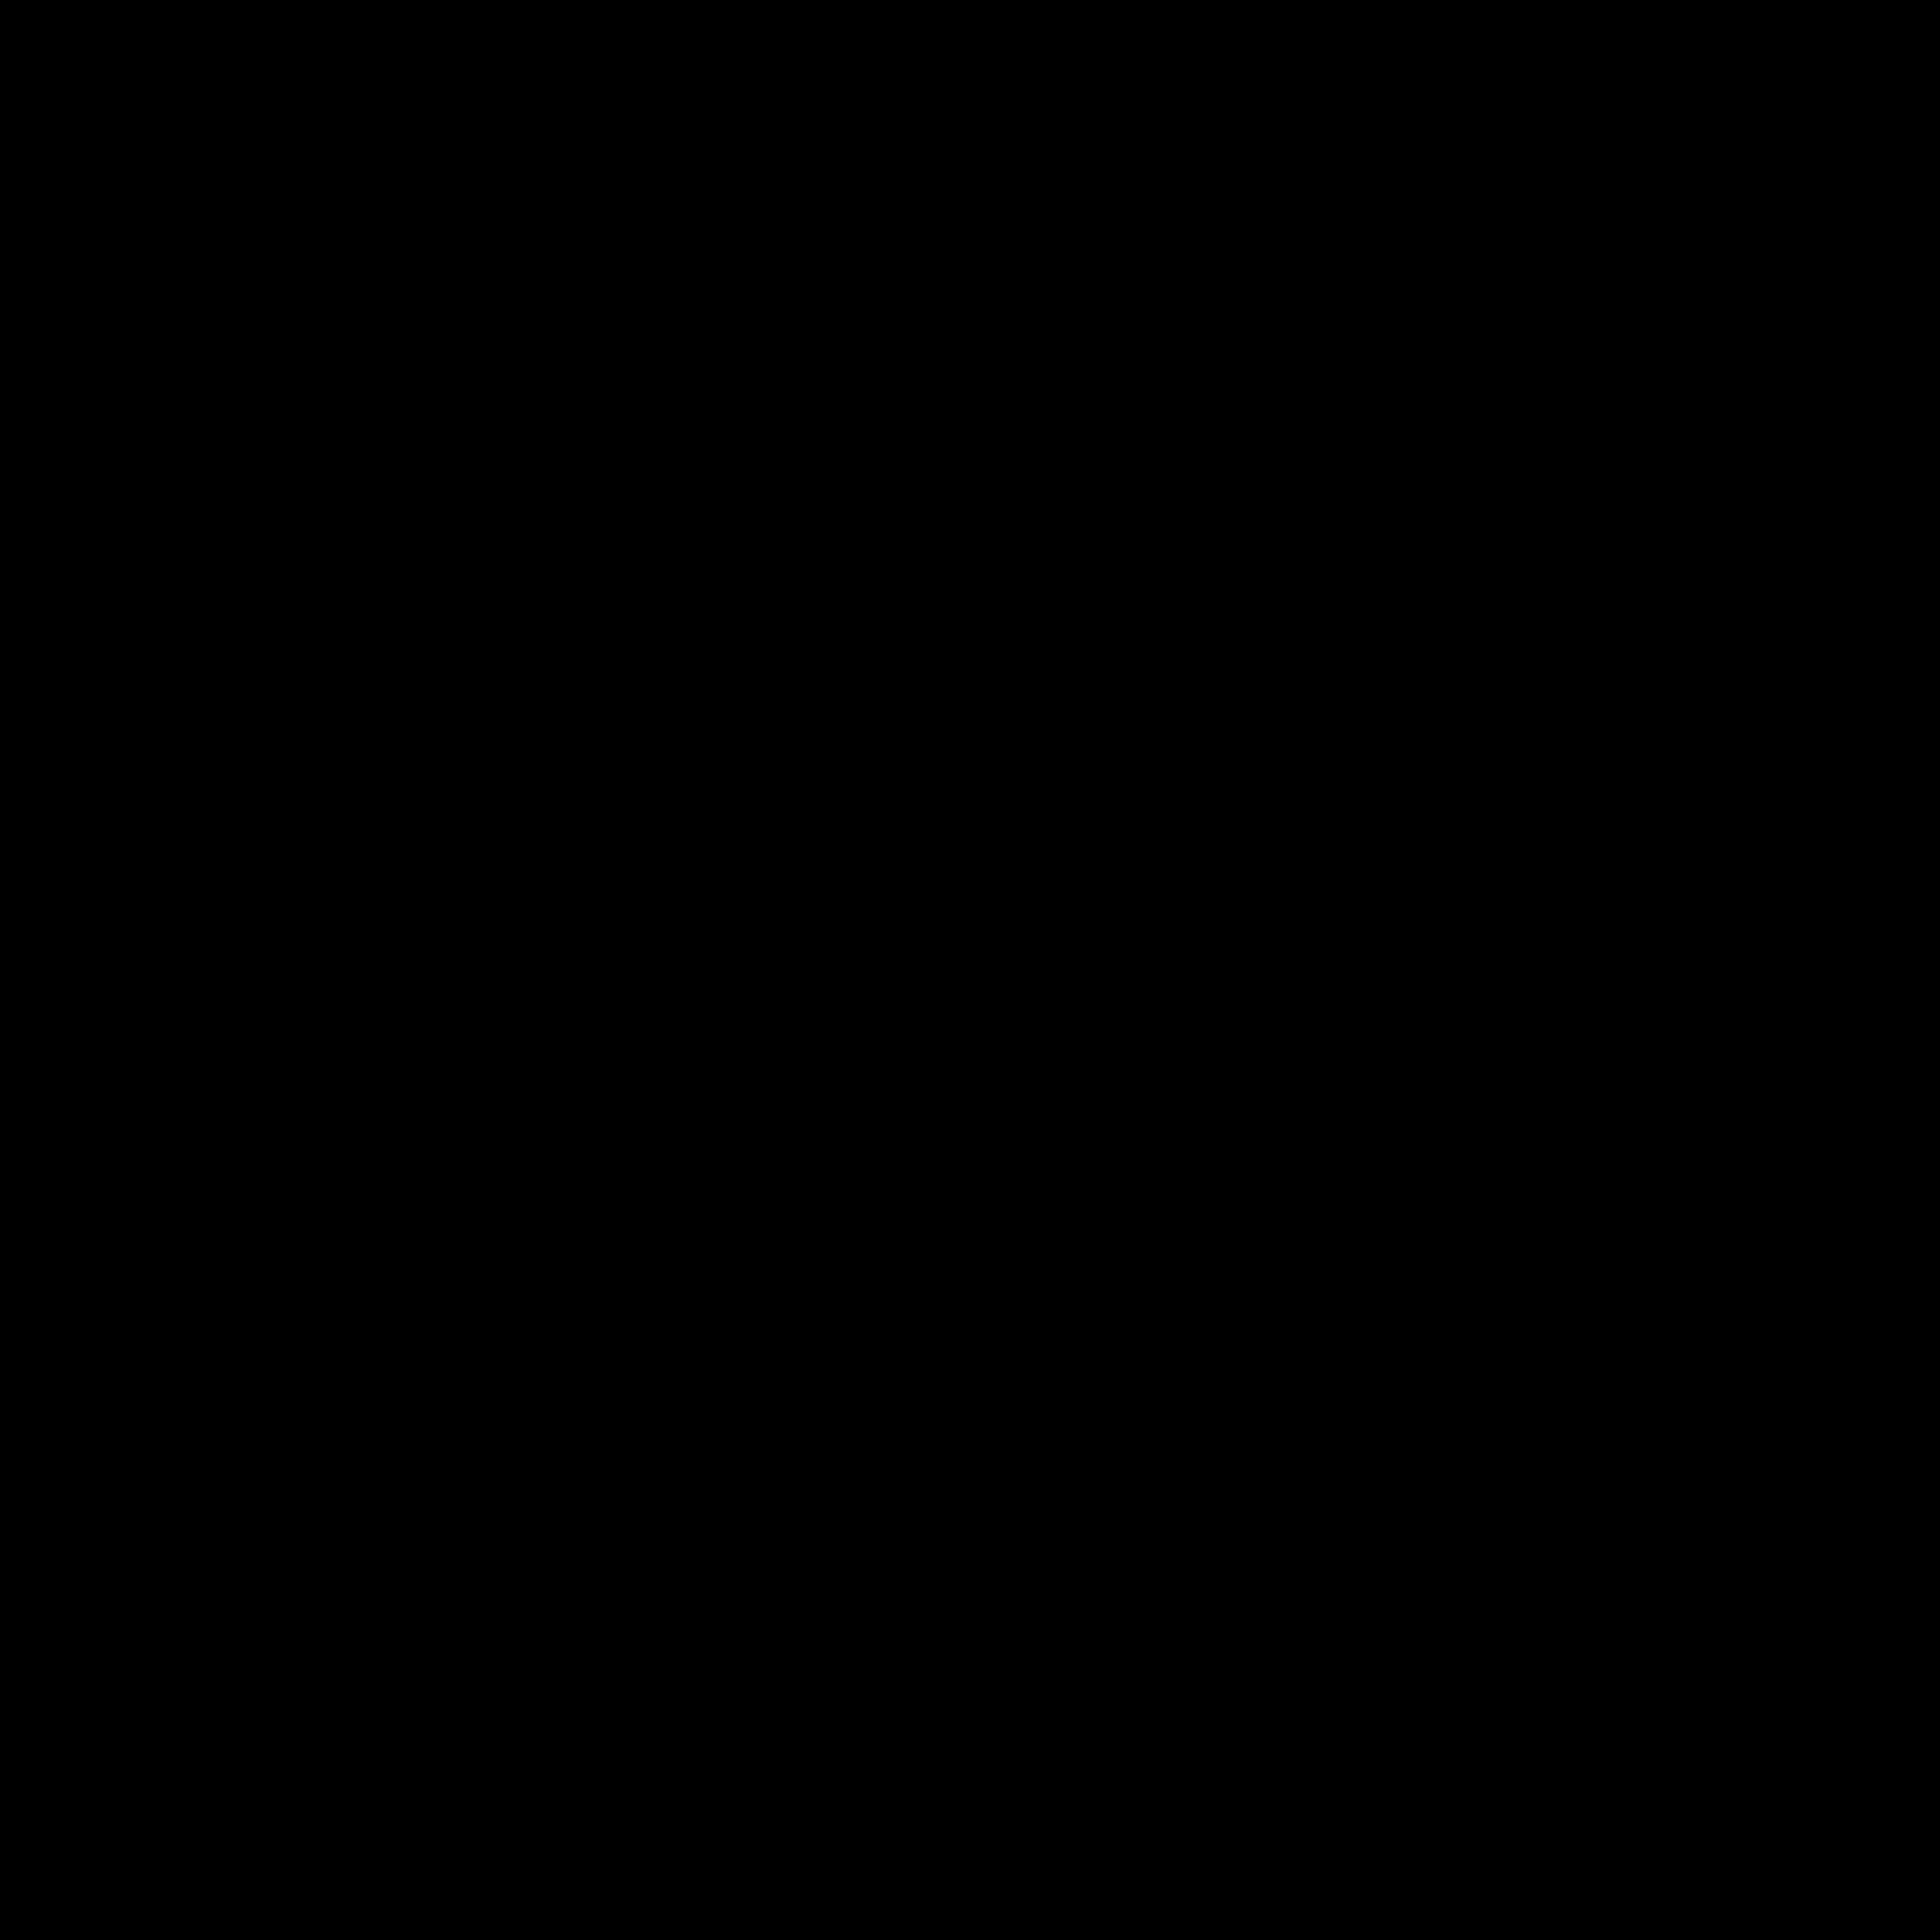 Braunschweigische Louis Spohr Gesellschaft